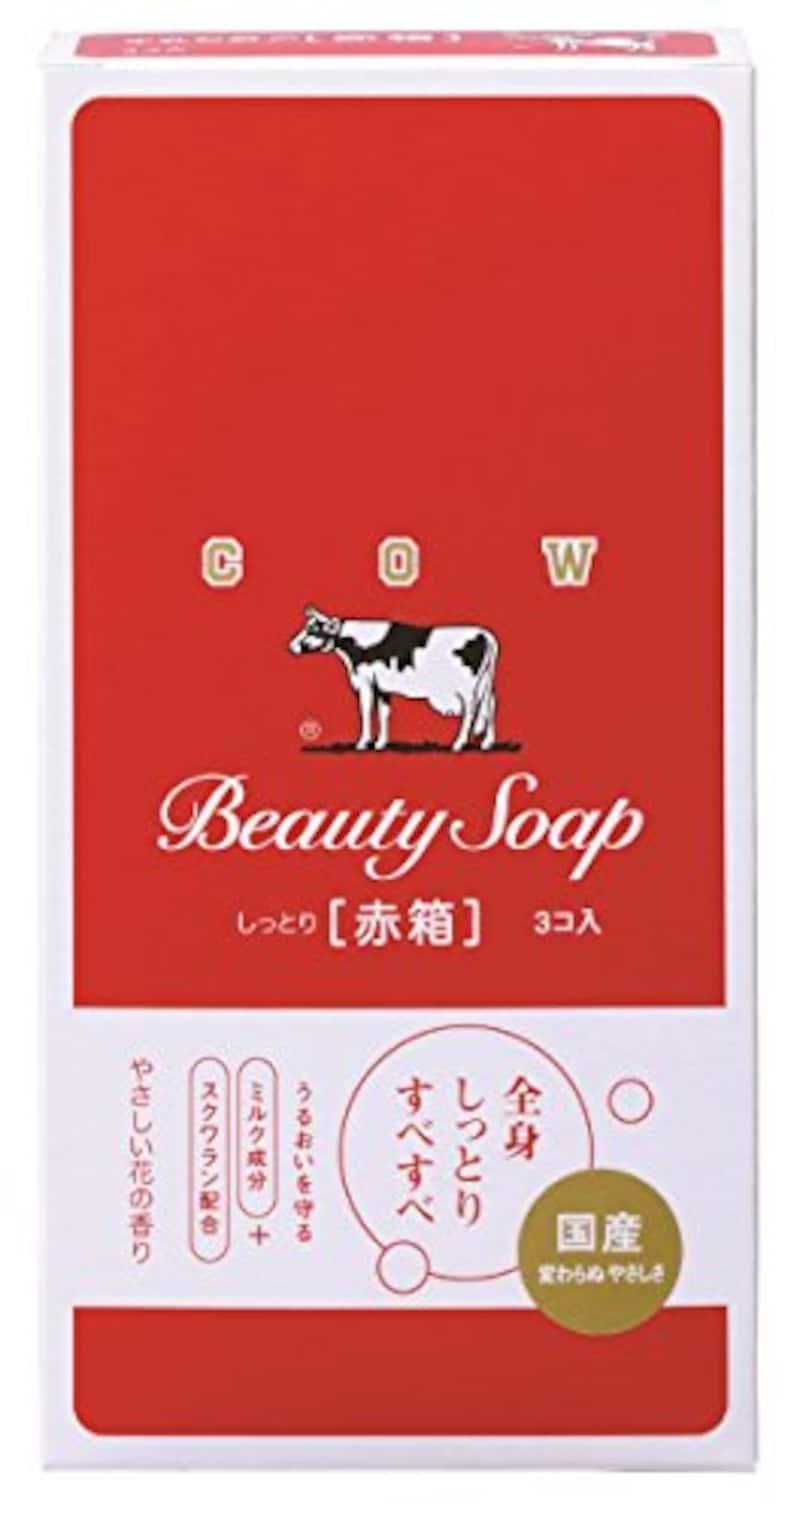 牛乳石鹸,赤箱